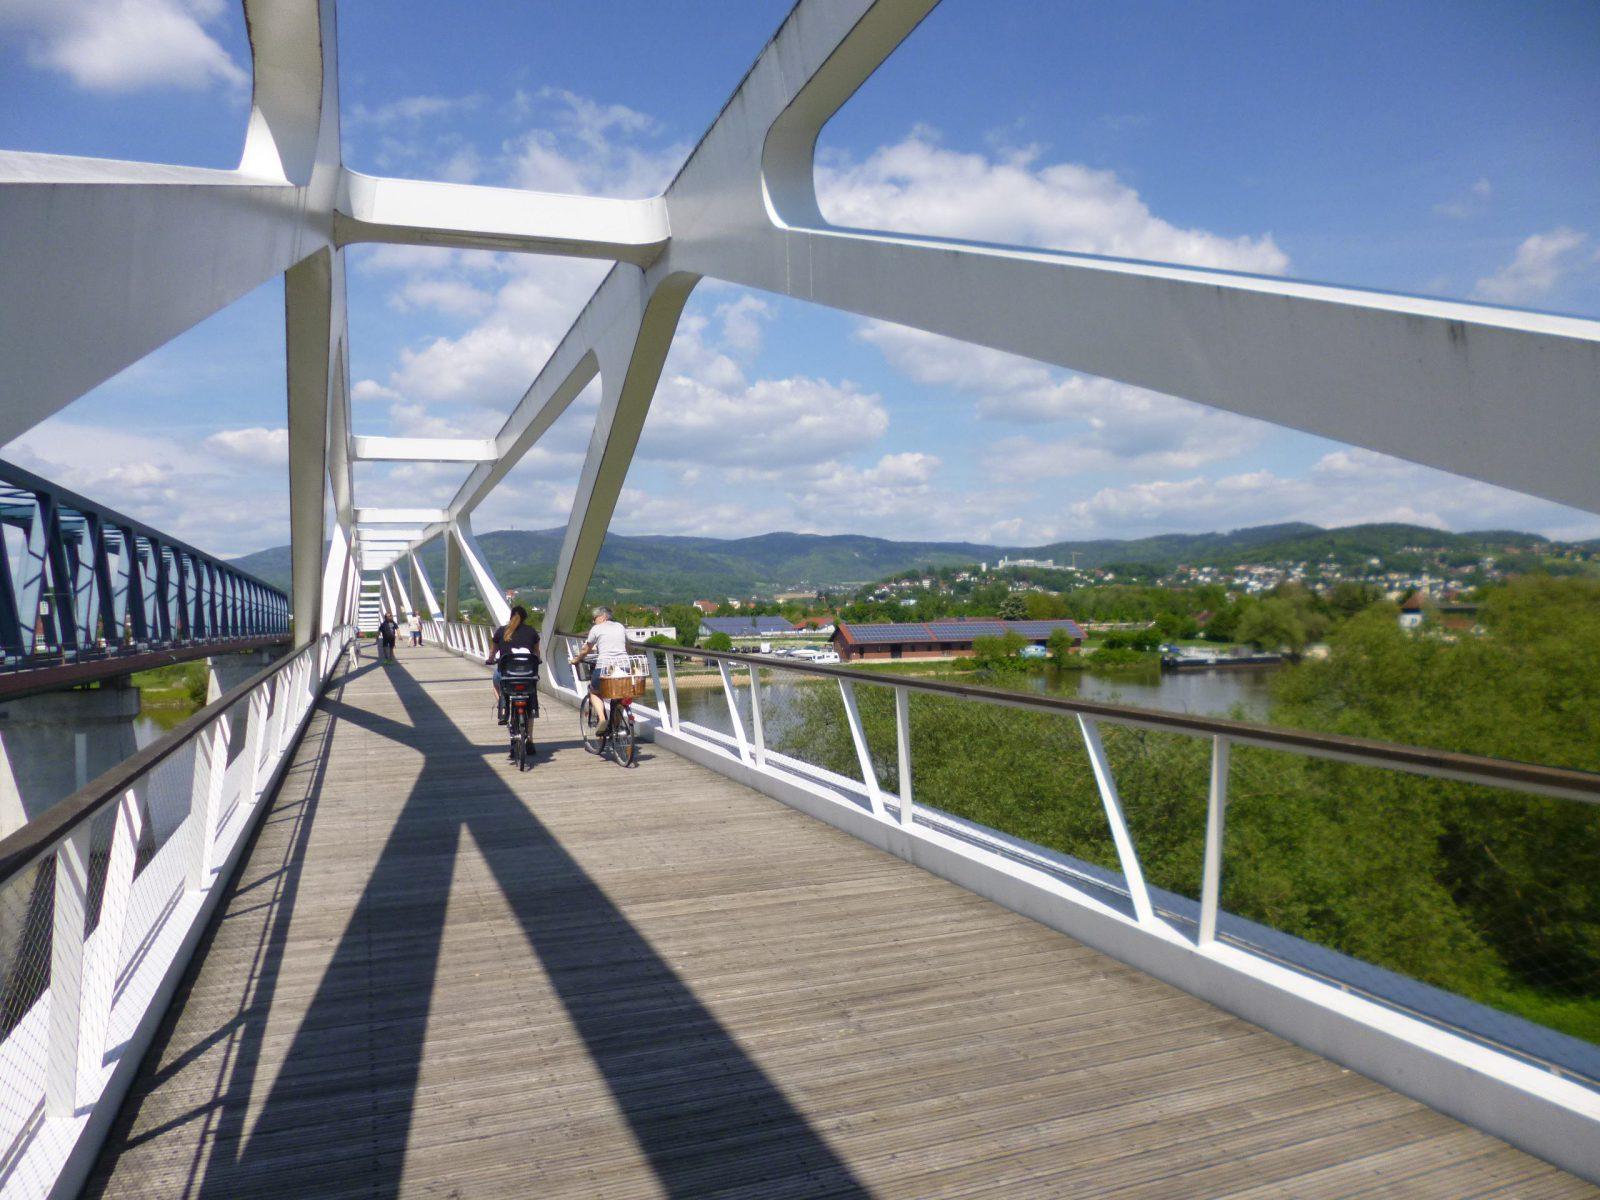 Zwei Radfahrer fahren nebeneinander auf einer Radbrücke über einen Fluss.